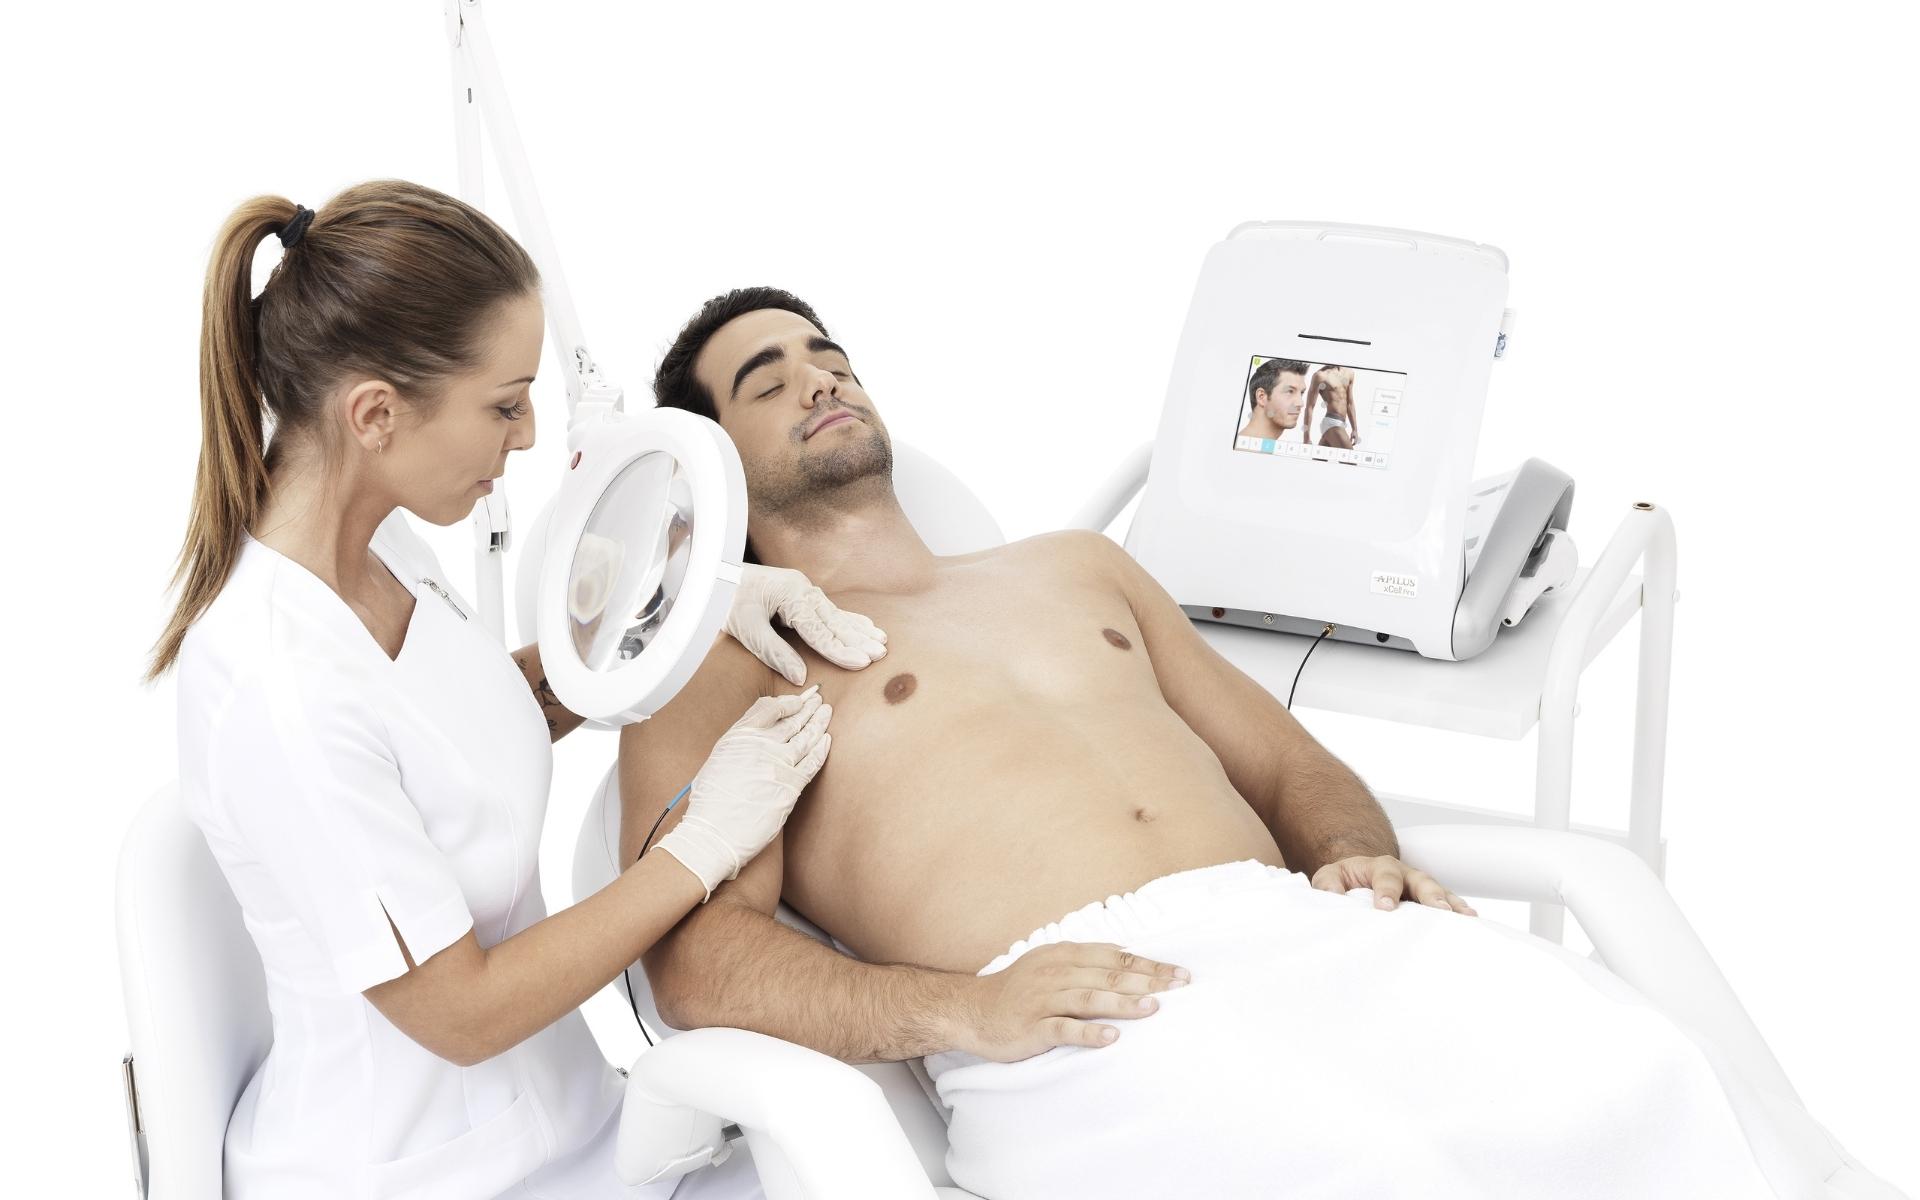 electrodepilacion o depilacion electrica